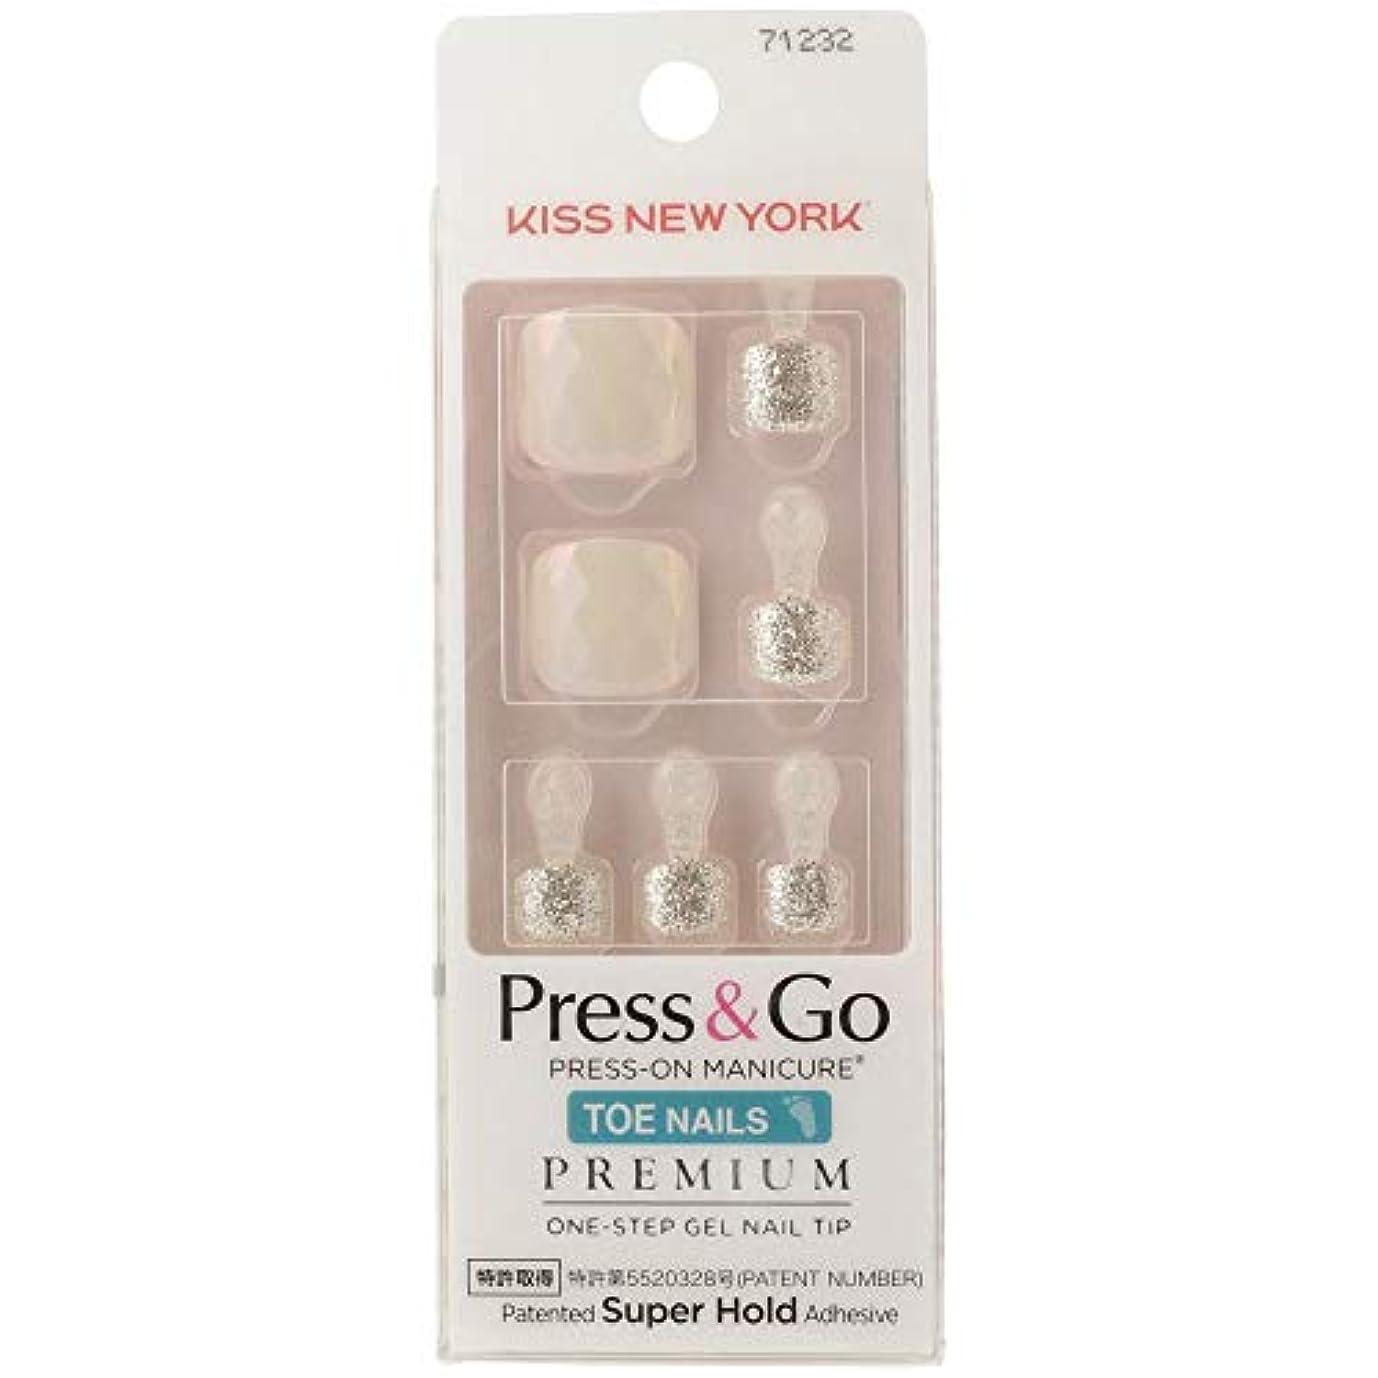 略す騒乱暗殺キスニューヨーク (KISS NEW YORK) KISS NEWYORK フットネイルチップPress&Go BHJT10J 18g